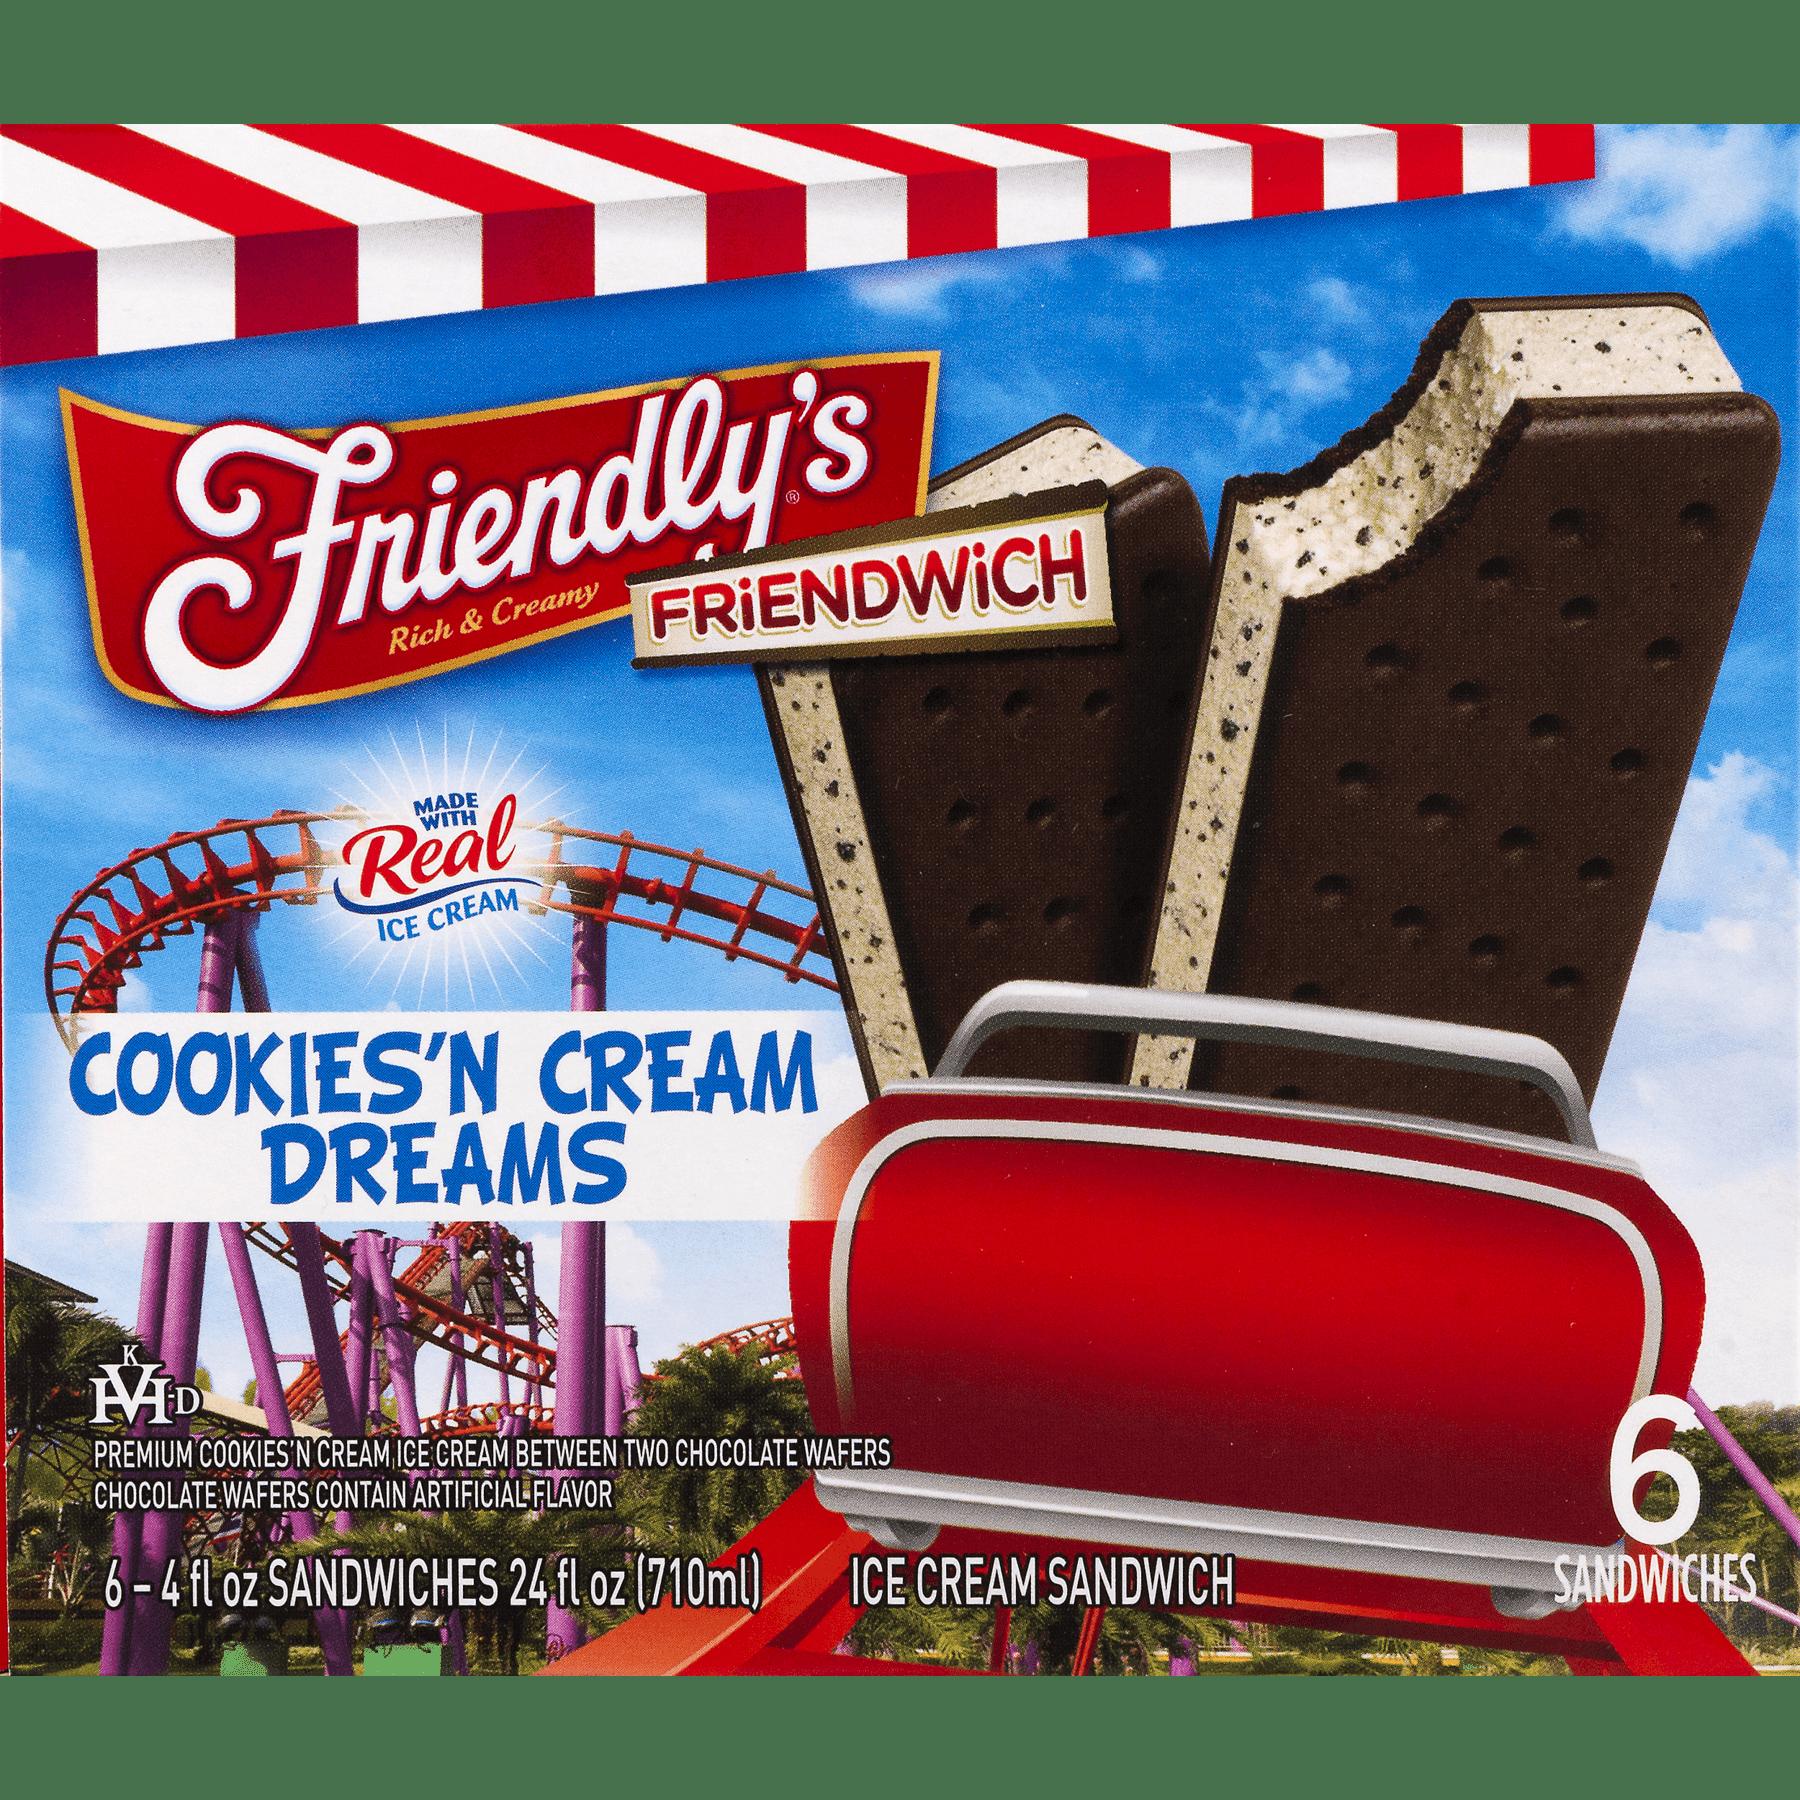 Friendly s Friendwich Cookies n Cream Dreams Ice Cream Sandwich 6